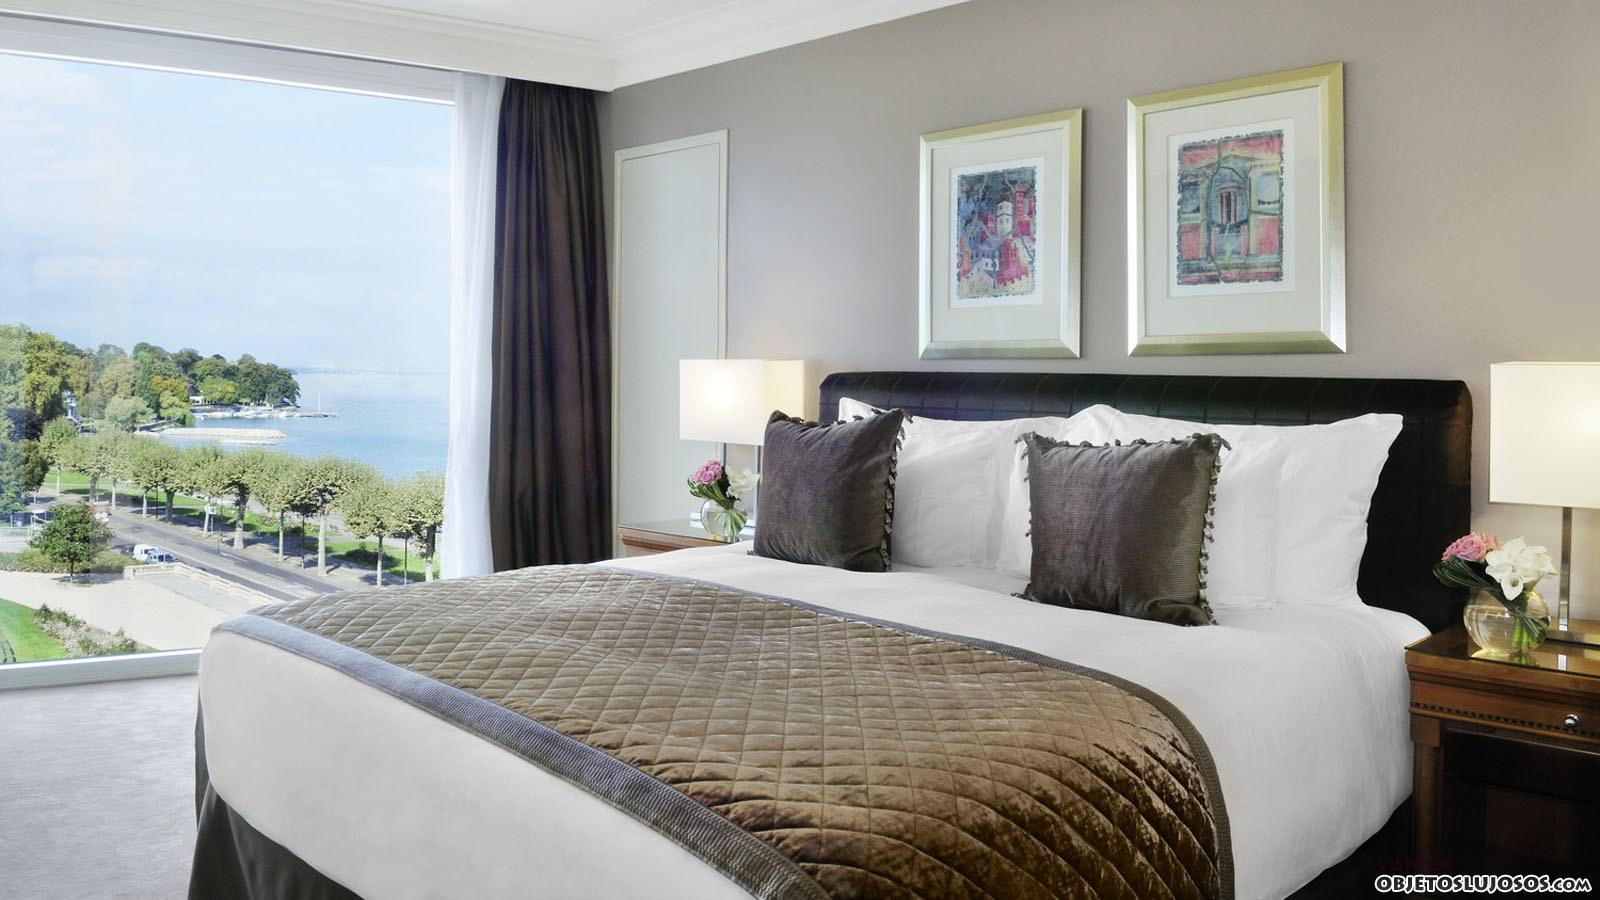 Hotel wilson en ginebra - Decoracion habitacion hotel ...